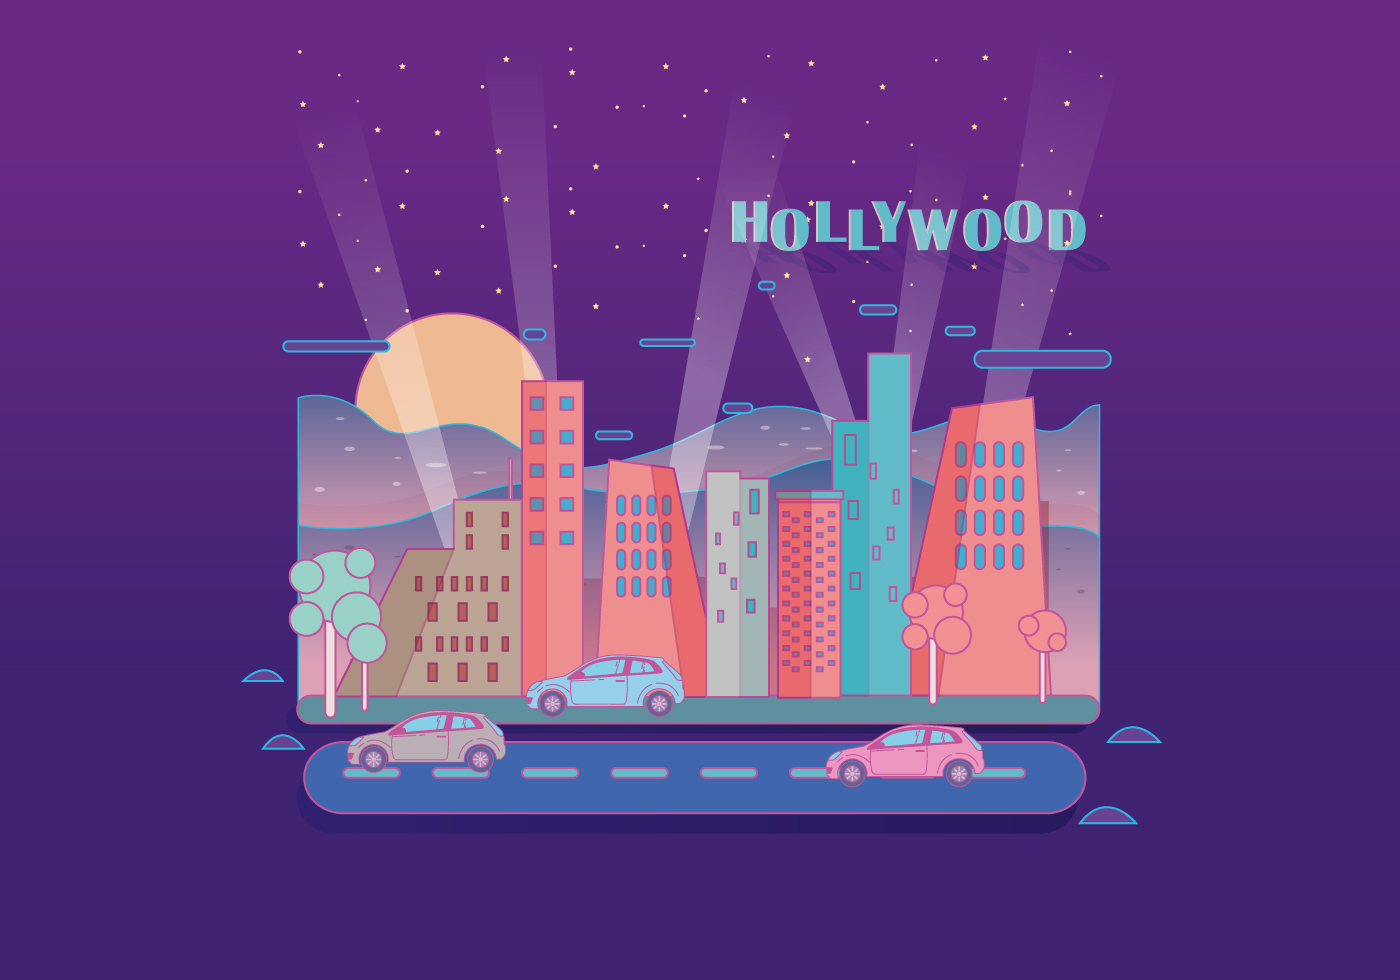 Hollywood luz paisaje vectorial - Descargue Gráficos y Vectores Gratis